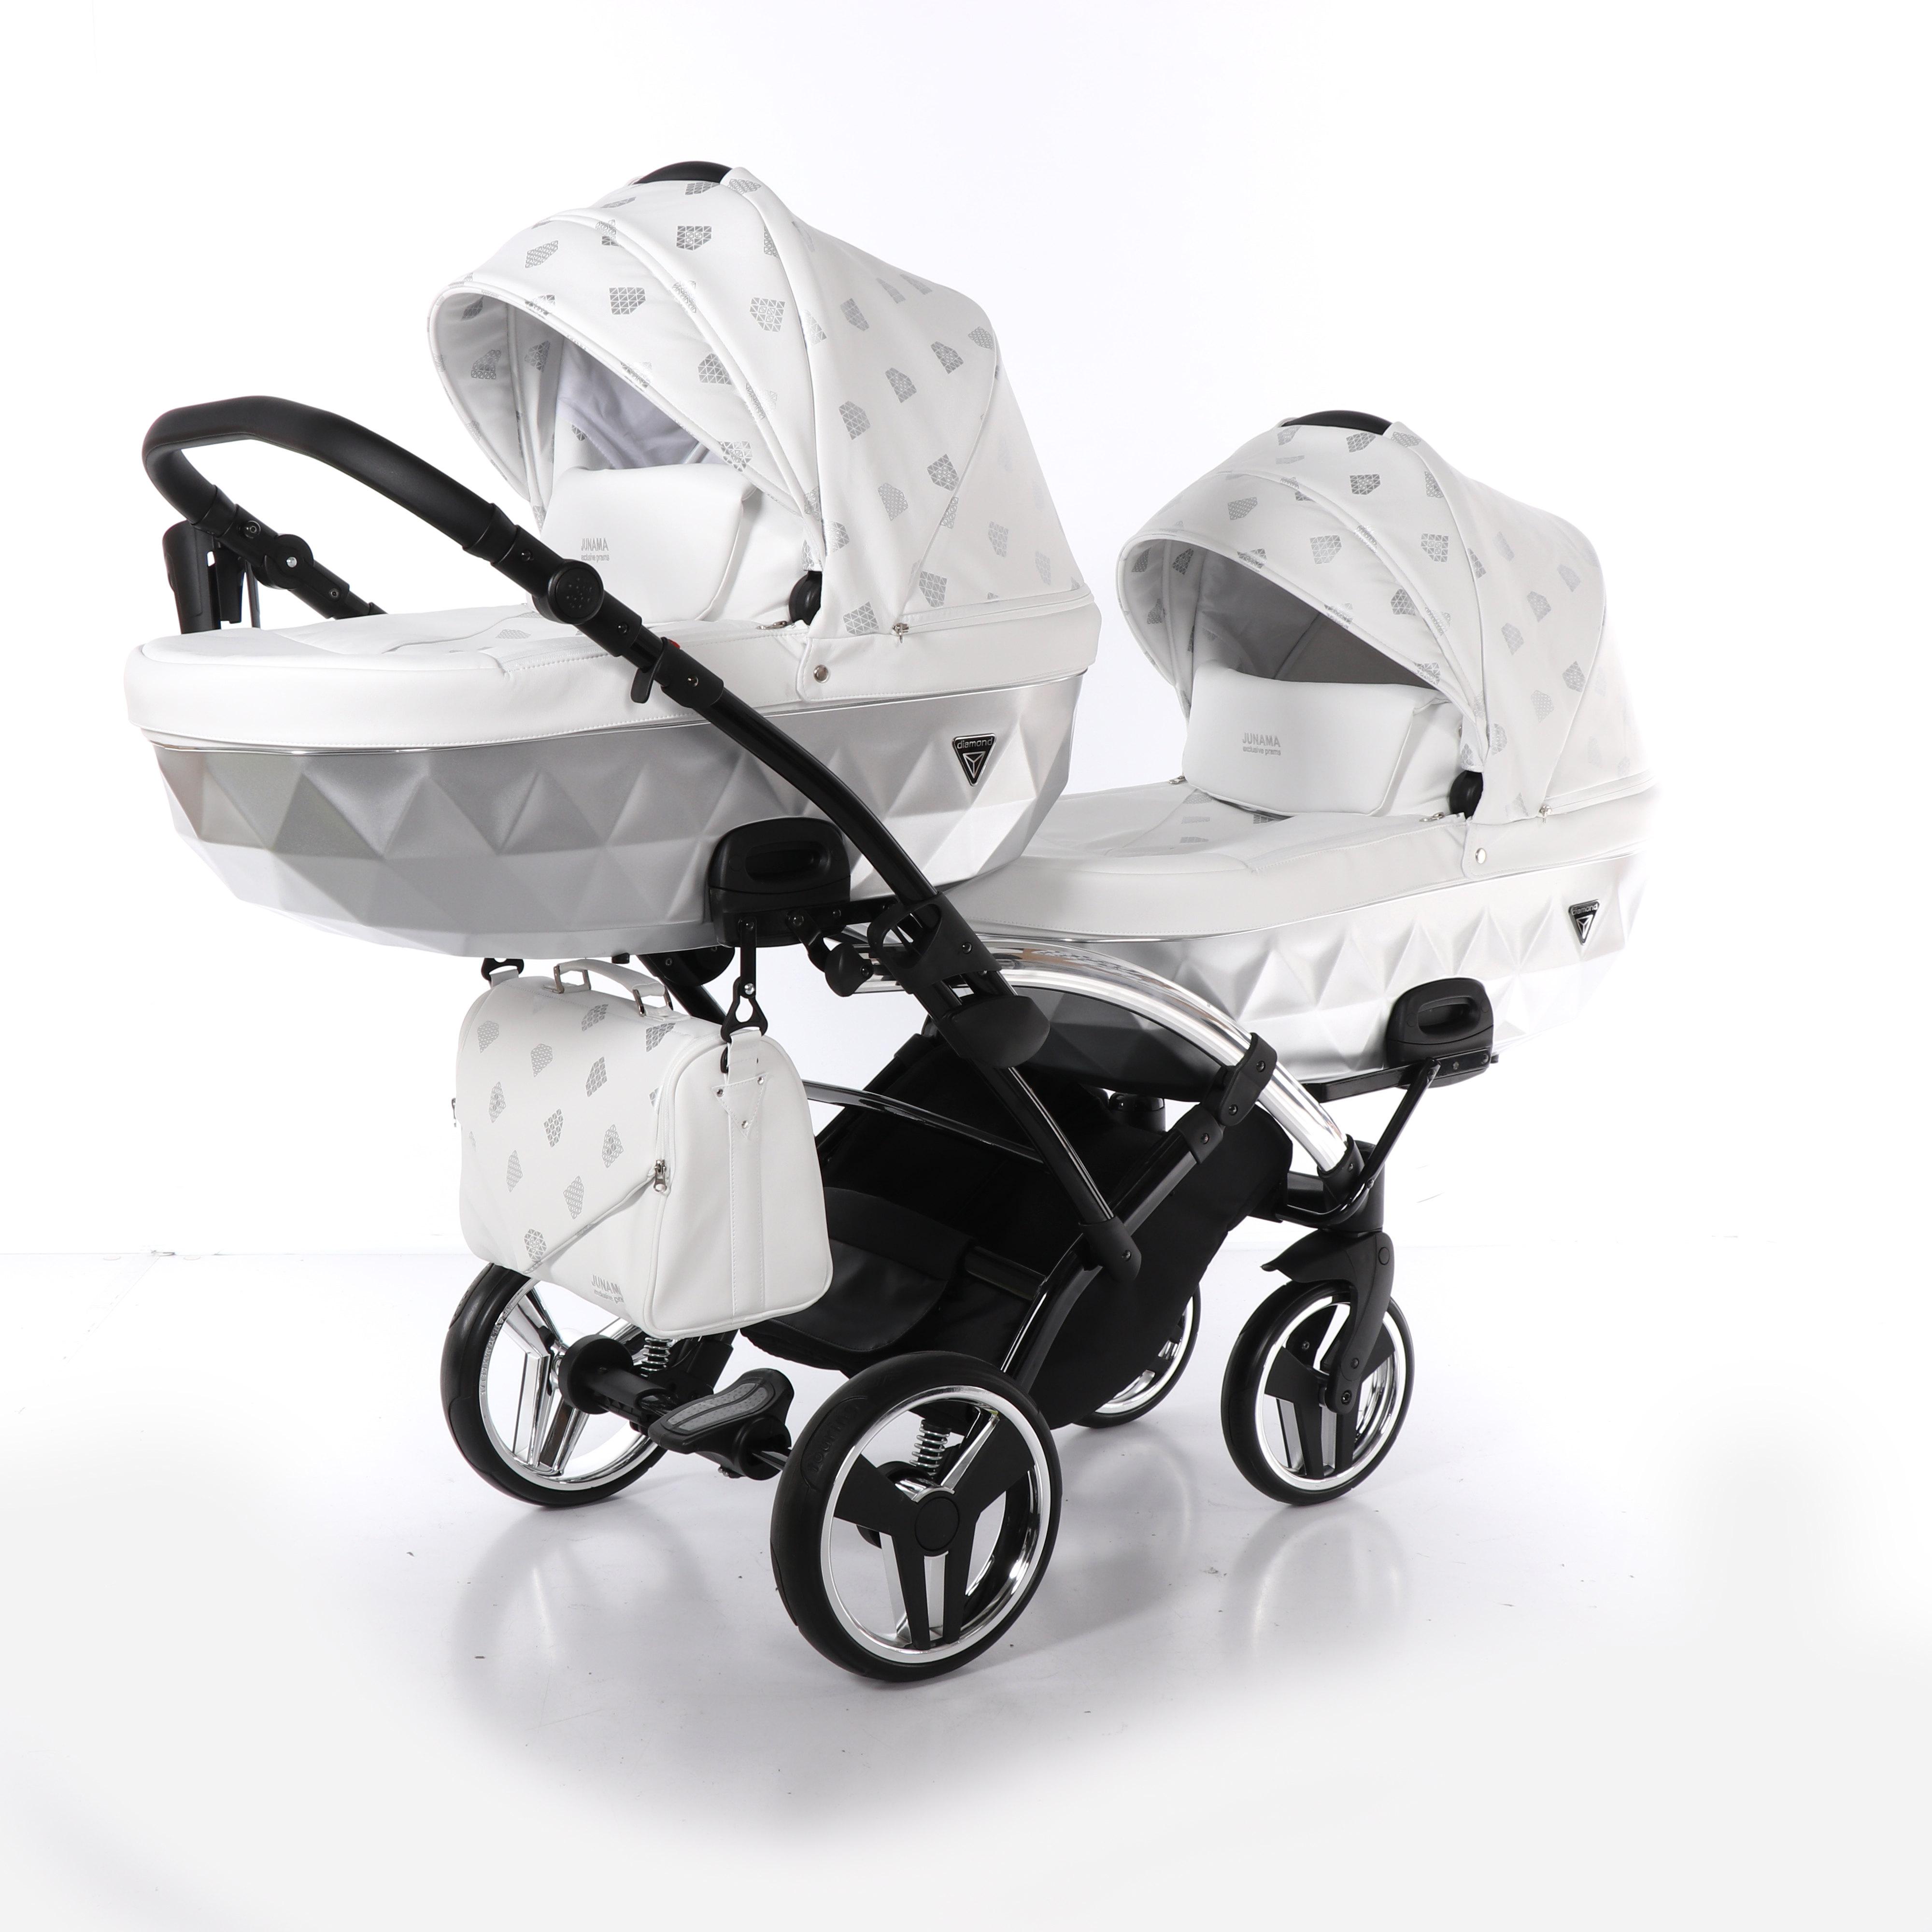 wózek Junama Glow Duo Slim bliźniaczy wielofunkcyjny